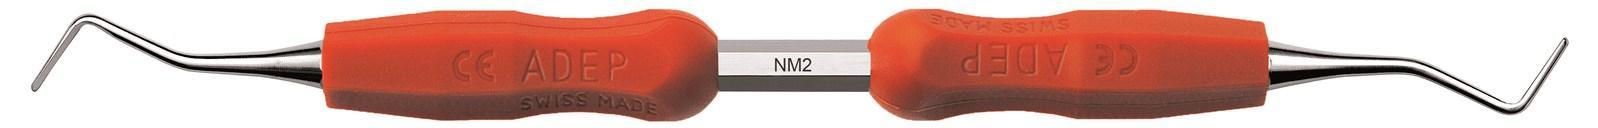 Lžičkové dlátko - NM2, ADEP šedý